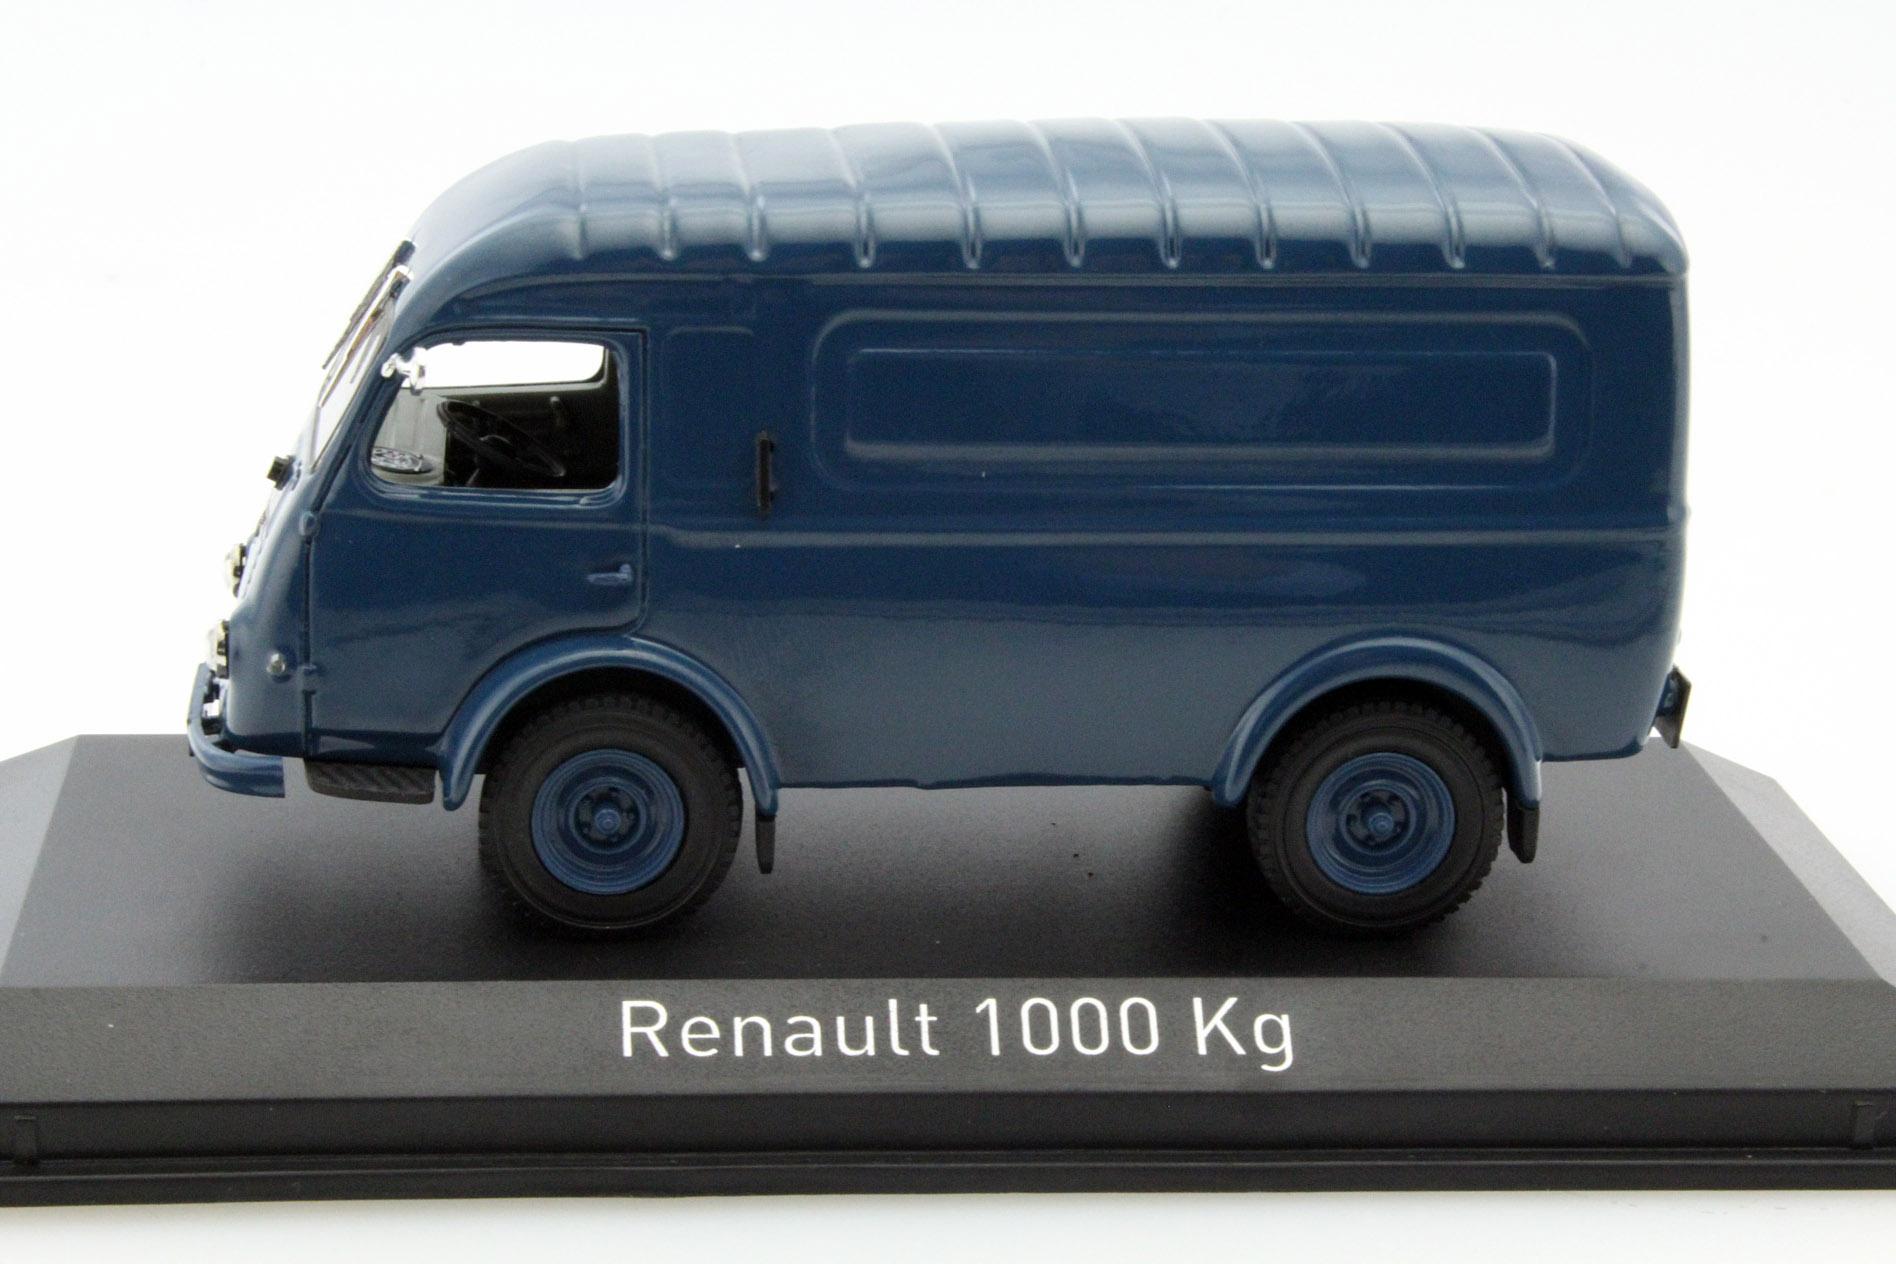 renault 1000 kg 1955 lazuli bleu die cast model norev 518549. Black Bedroom Furniture Sets. Home Design Ideas